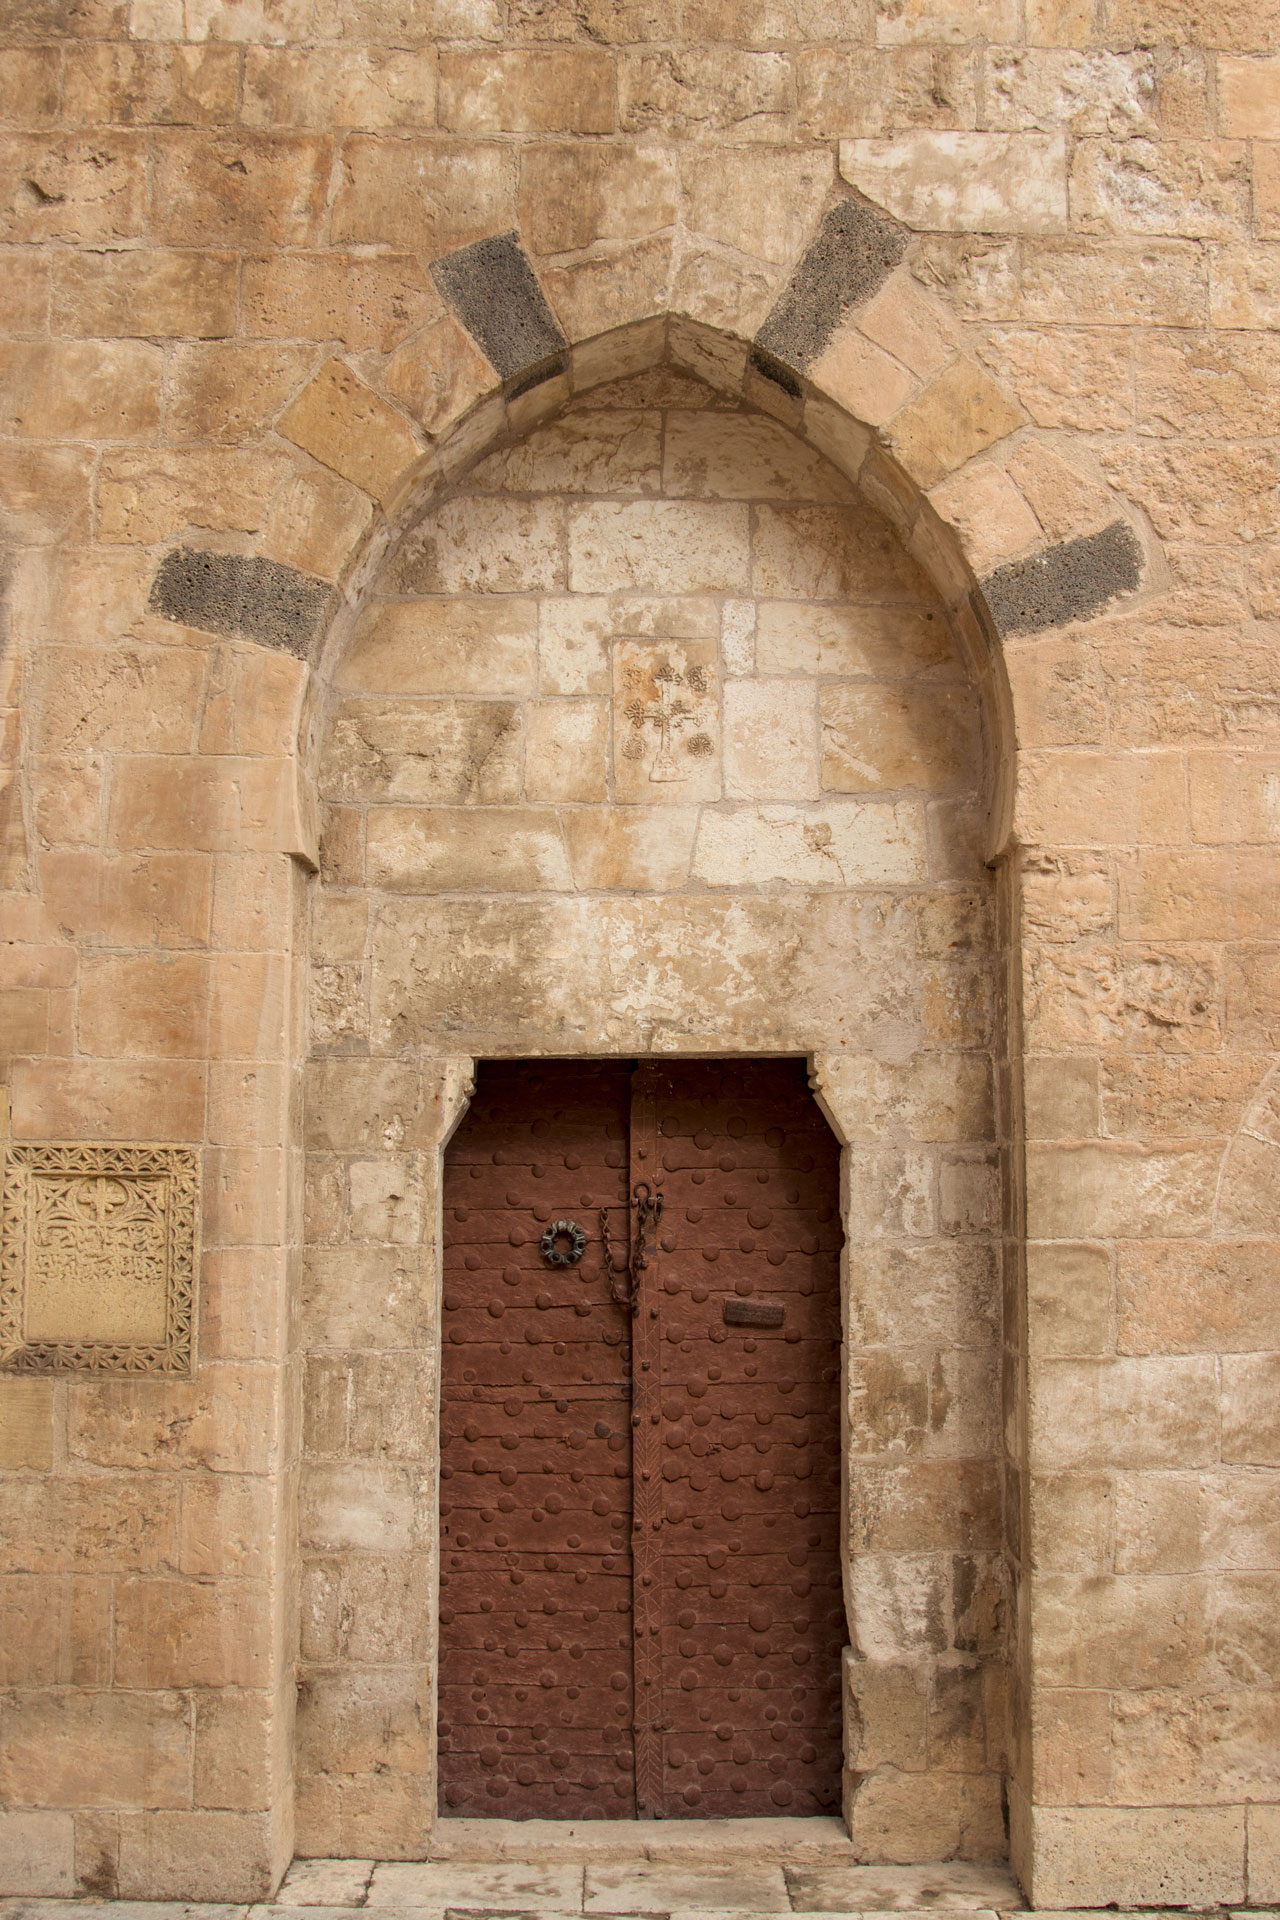 Mor Behnam Kırklar Kilisesi Fotoğrafları Mardin Türkiye Gezgin Fotoğrafçı Çekergezer Hakan Aydın www.cekergezer.com www.hakanaydın.com.tr